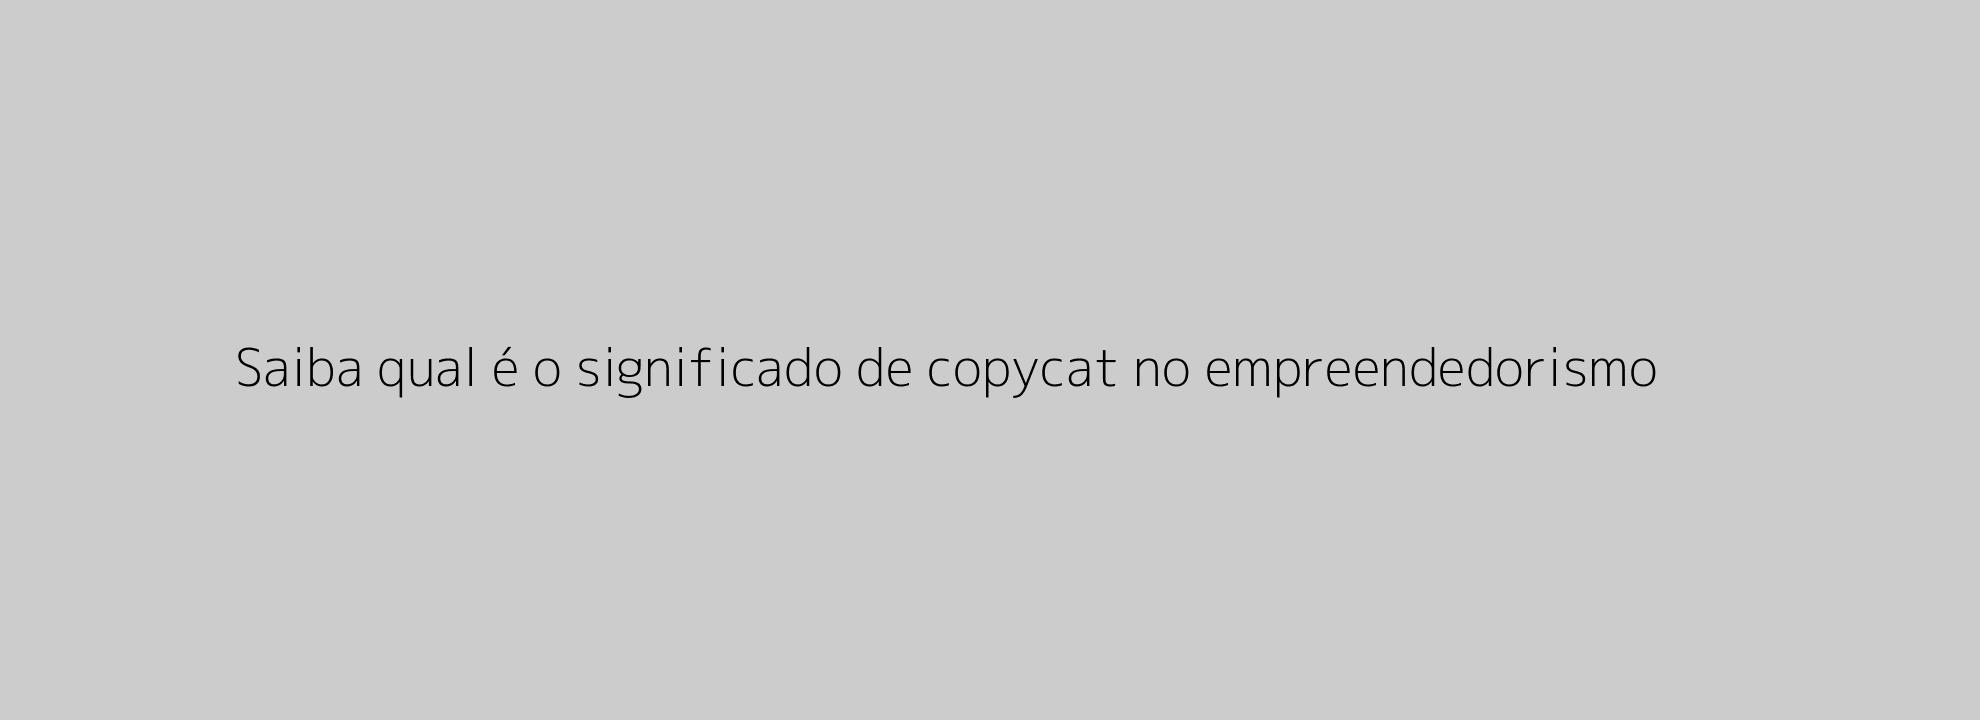 Saiba qual é o significado de copycat no empreendedorismo